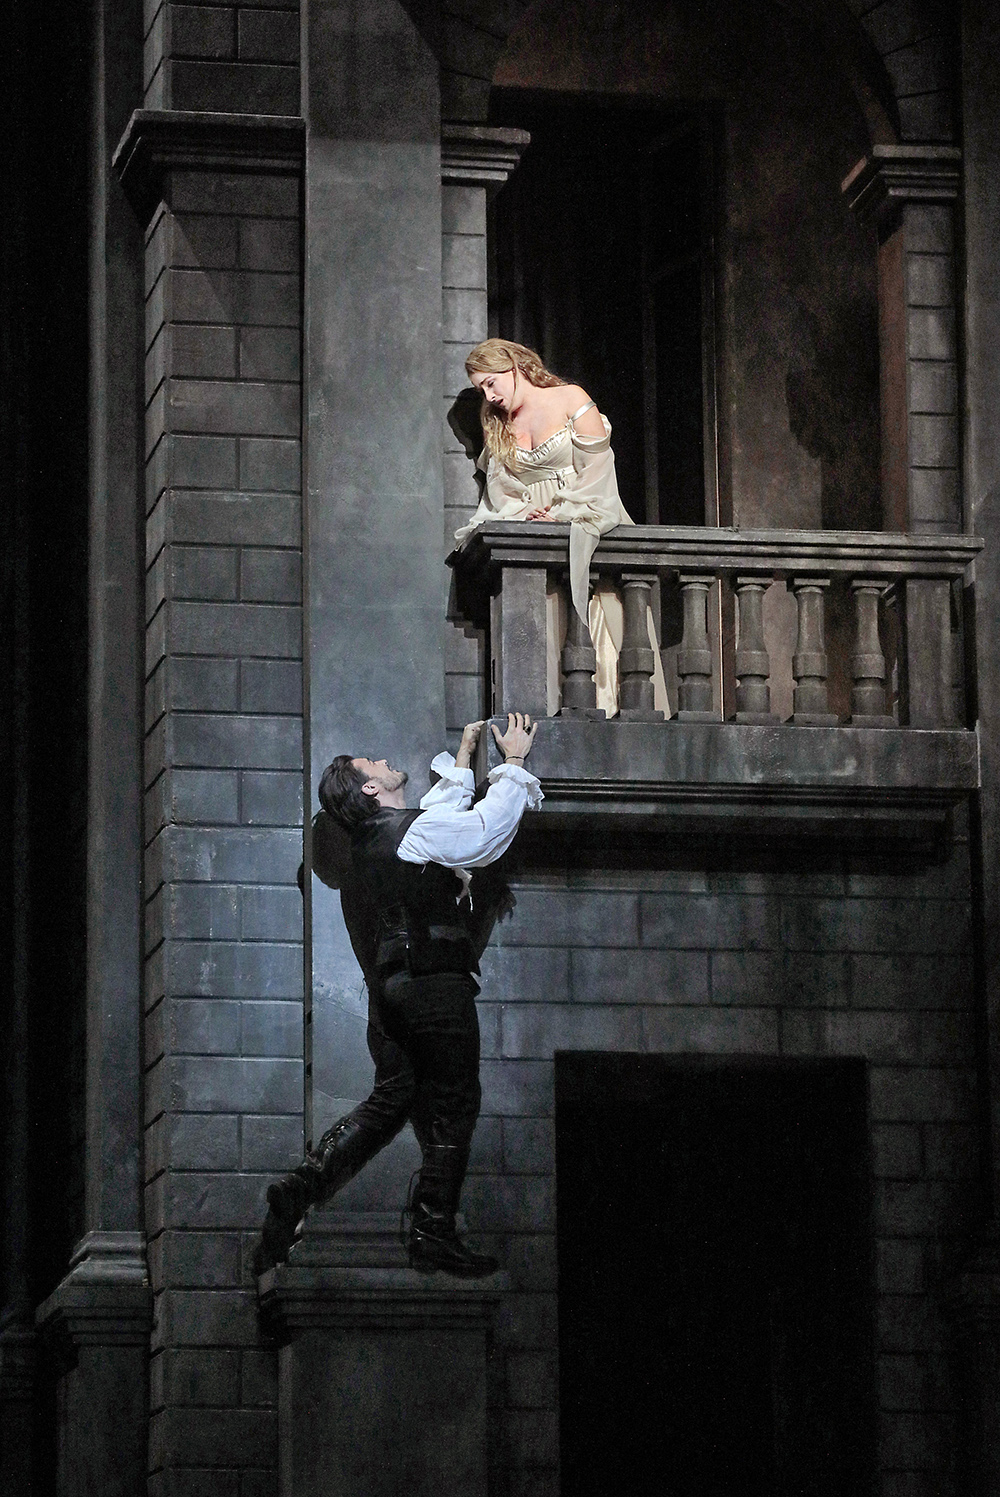 Metropolitan di New York nei cinema italiani con Romeo e Giulietta ...